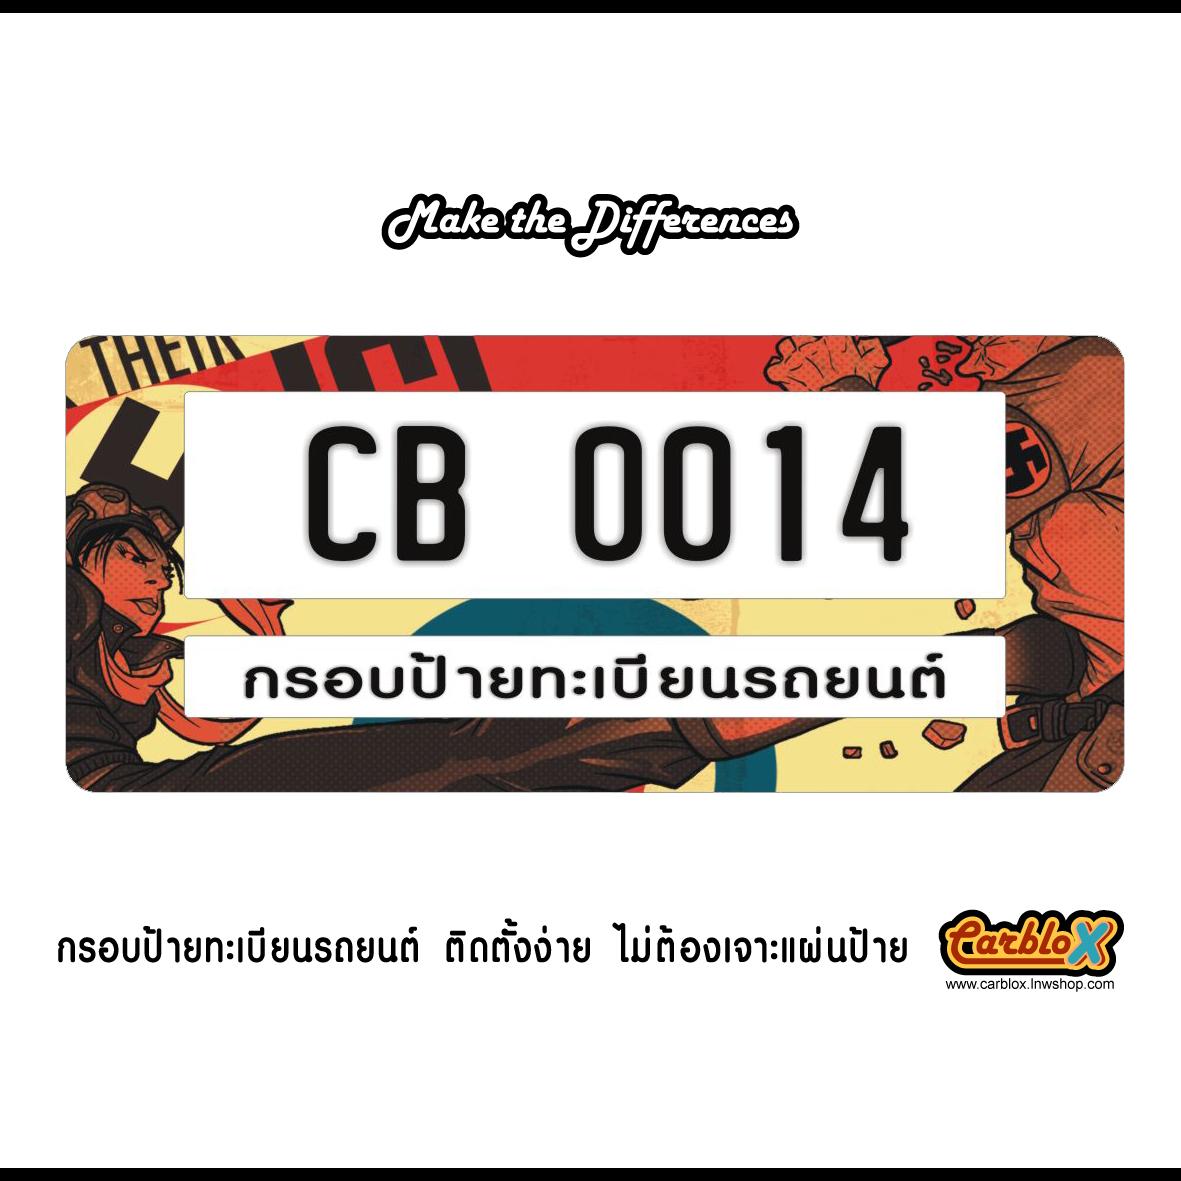 กรอบป้ายทะเบียนรถยนต์ CARBLOX ระหัส CB 0014 ลายลายแนวๆฮิ๊ป